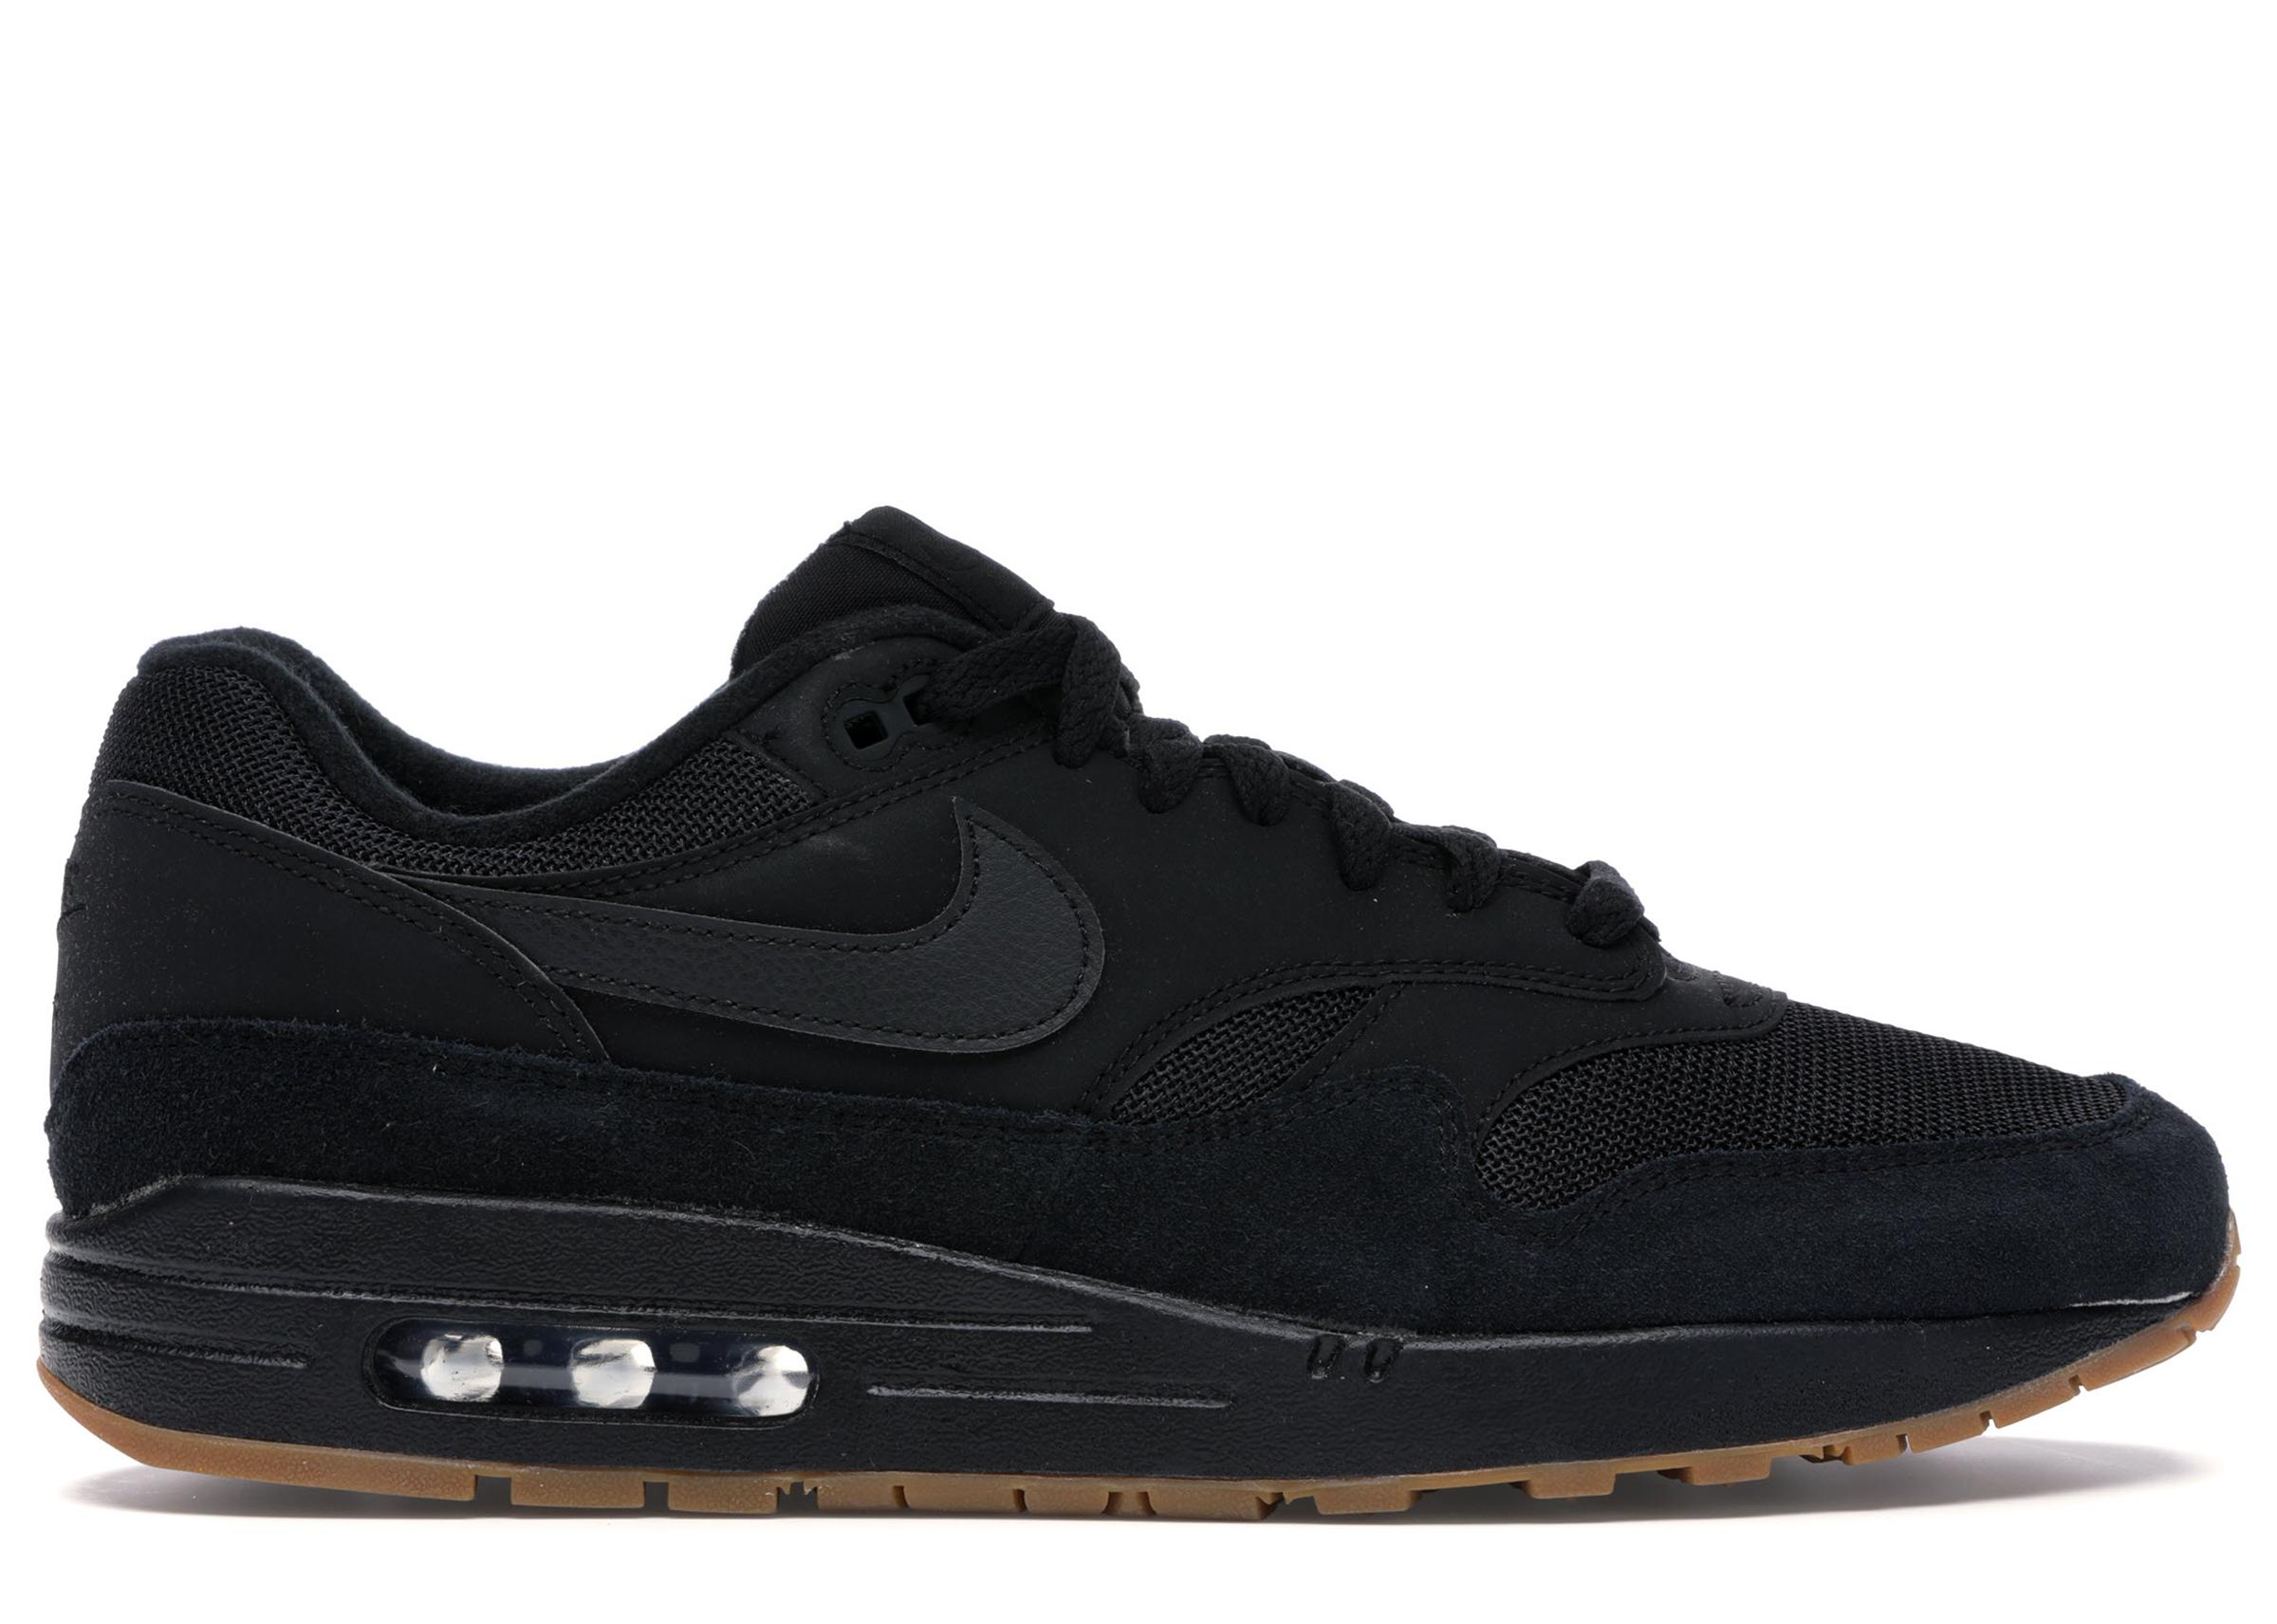 Nike Air Max 1 Black Gum - AH8145-007